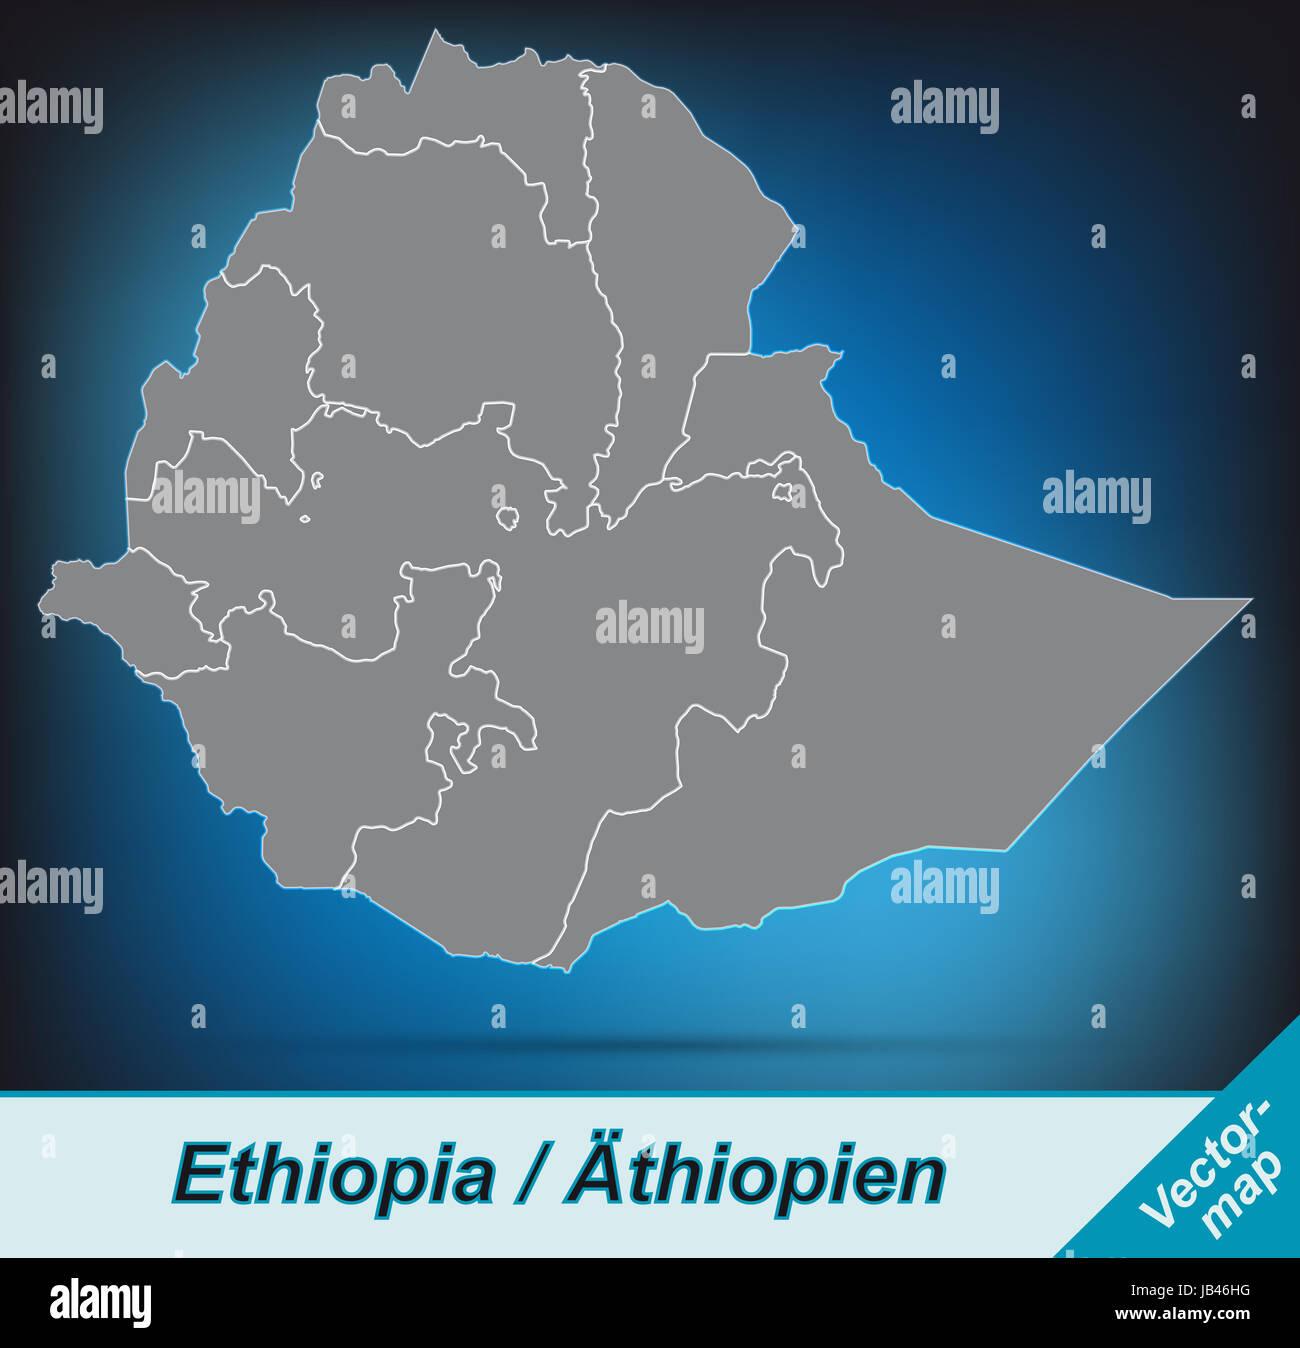 Äthiopien in  Afrika als Grenzkarte mit Grenzen  Durch die ansprechende Gestaltung fügt sich die Karte - Stock Image